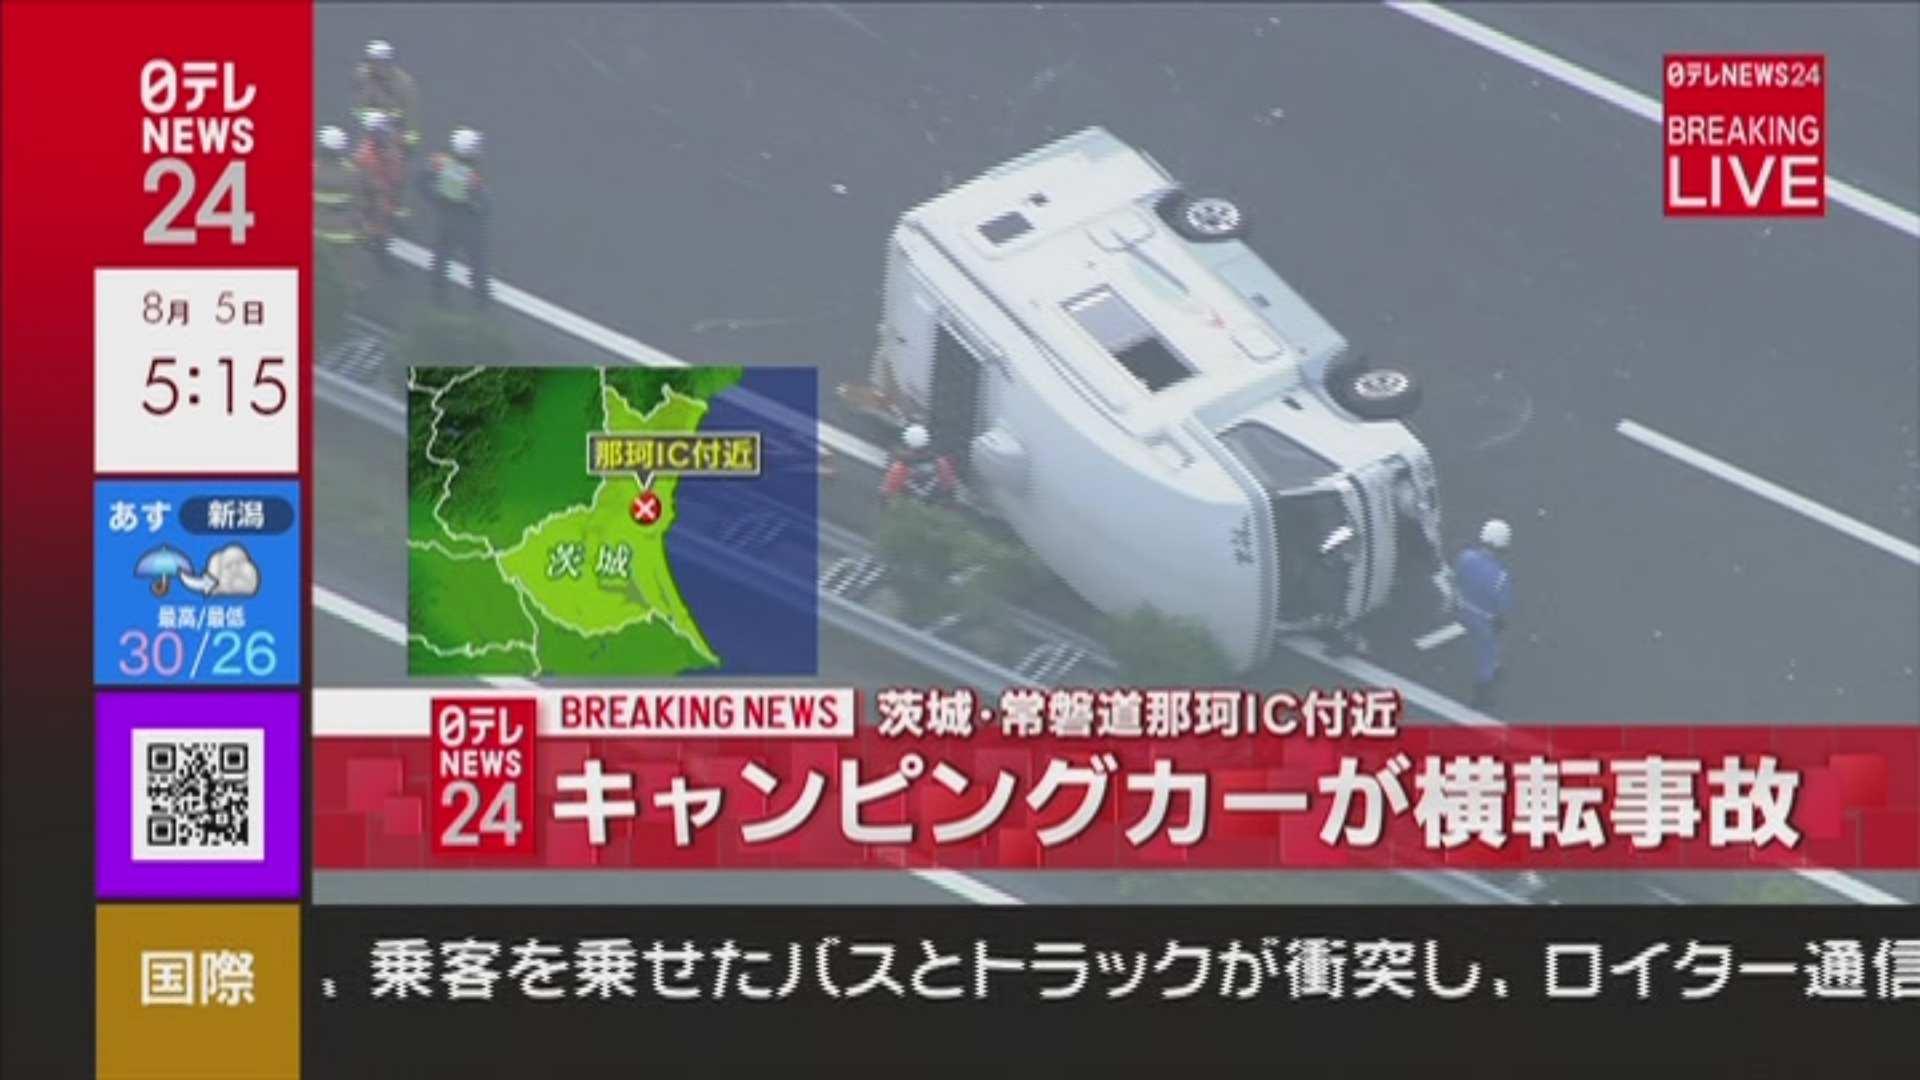 画像,茨城県 常磐道 那珂IC付近 キャンピングカーが横転事故女性が車外へ投げ出されたとの情報 https://t.co/gGXIXnz56W…